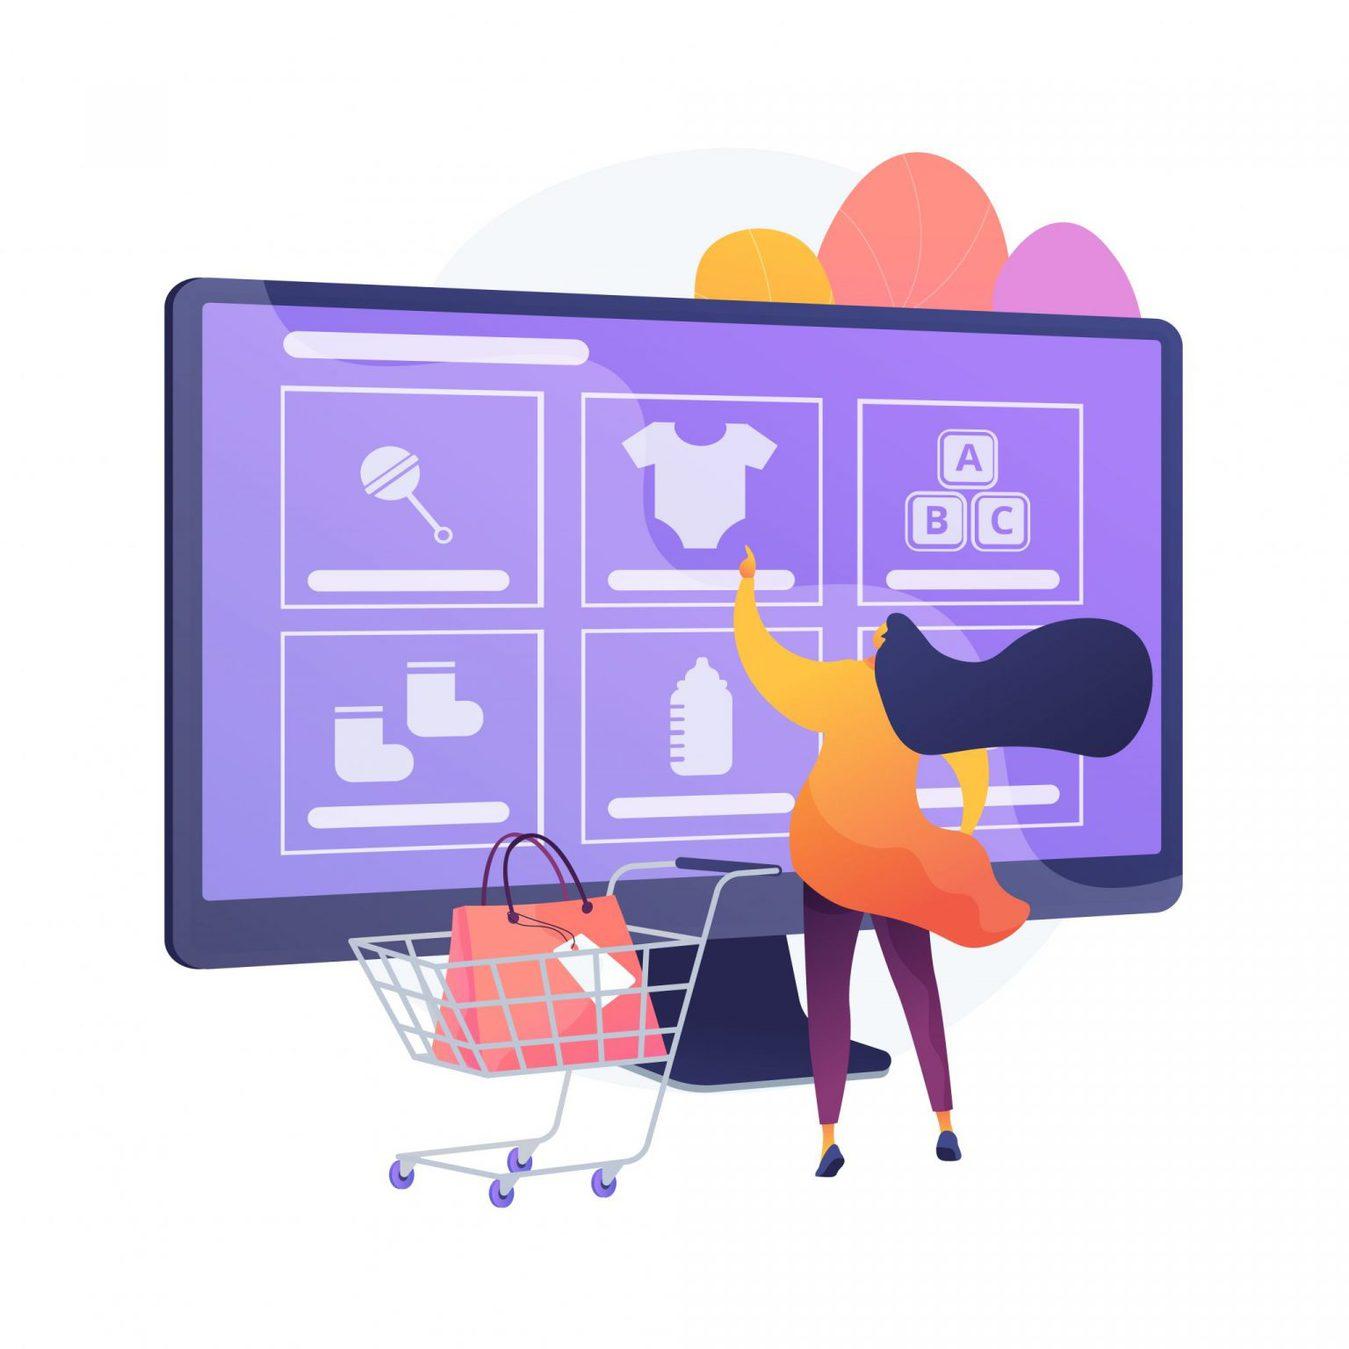 illustrate người mua sắm và máy tính với nhiều mặt hàng trên màn hình